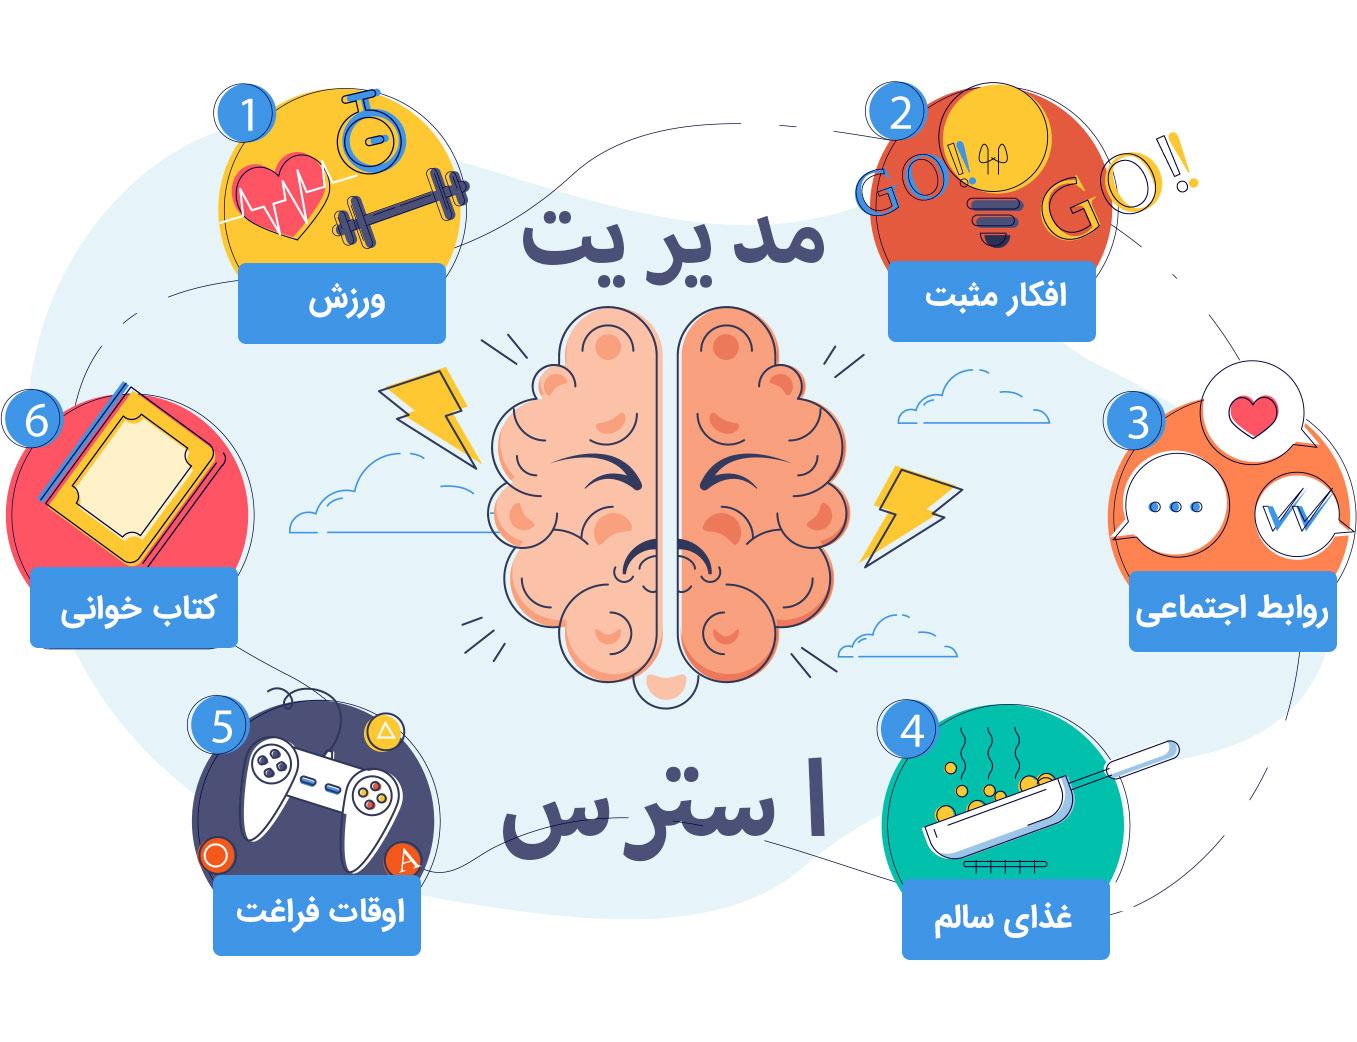 راه کارها و مهارت های مدیریت استرس و اضطراب